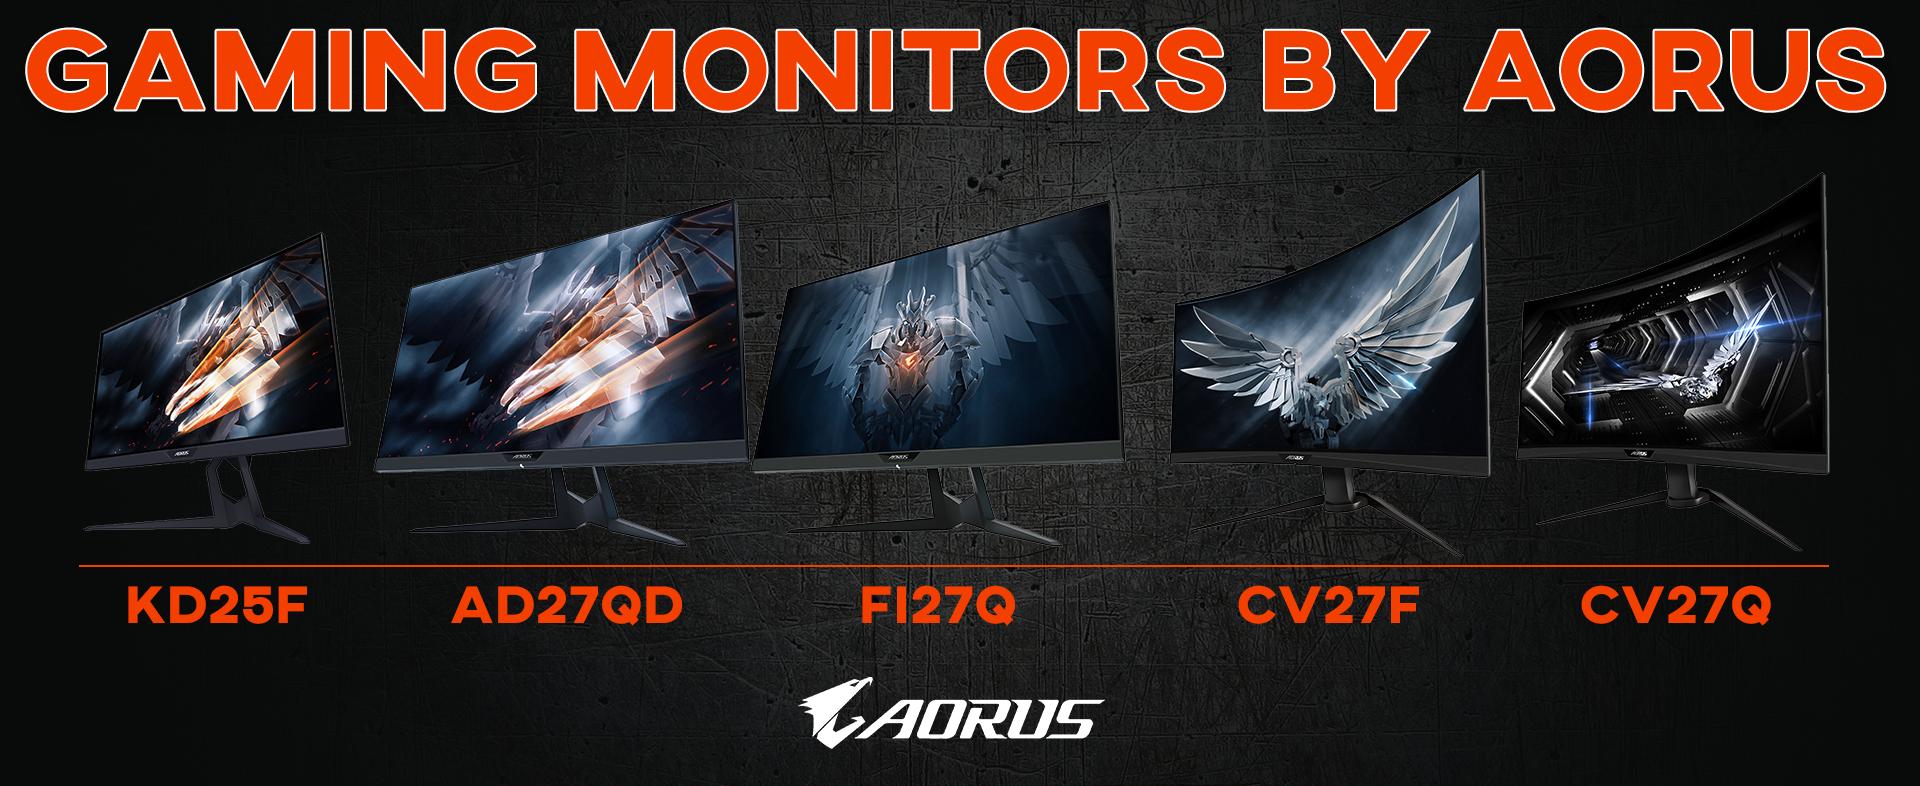 Aorus Monitors